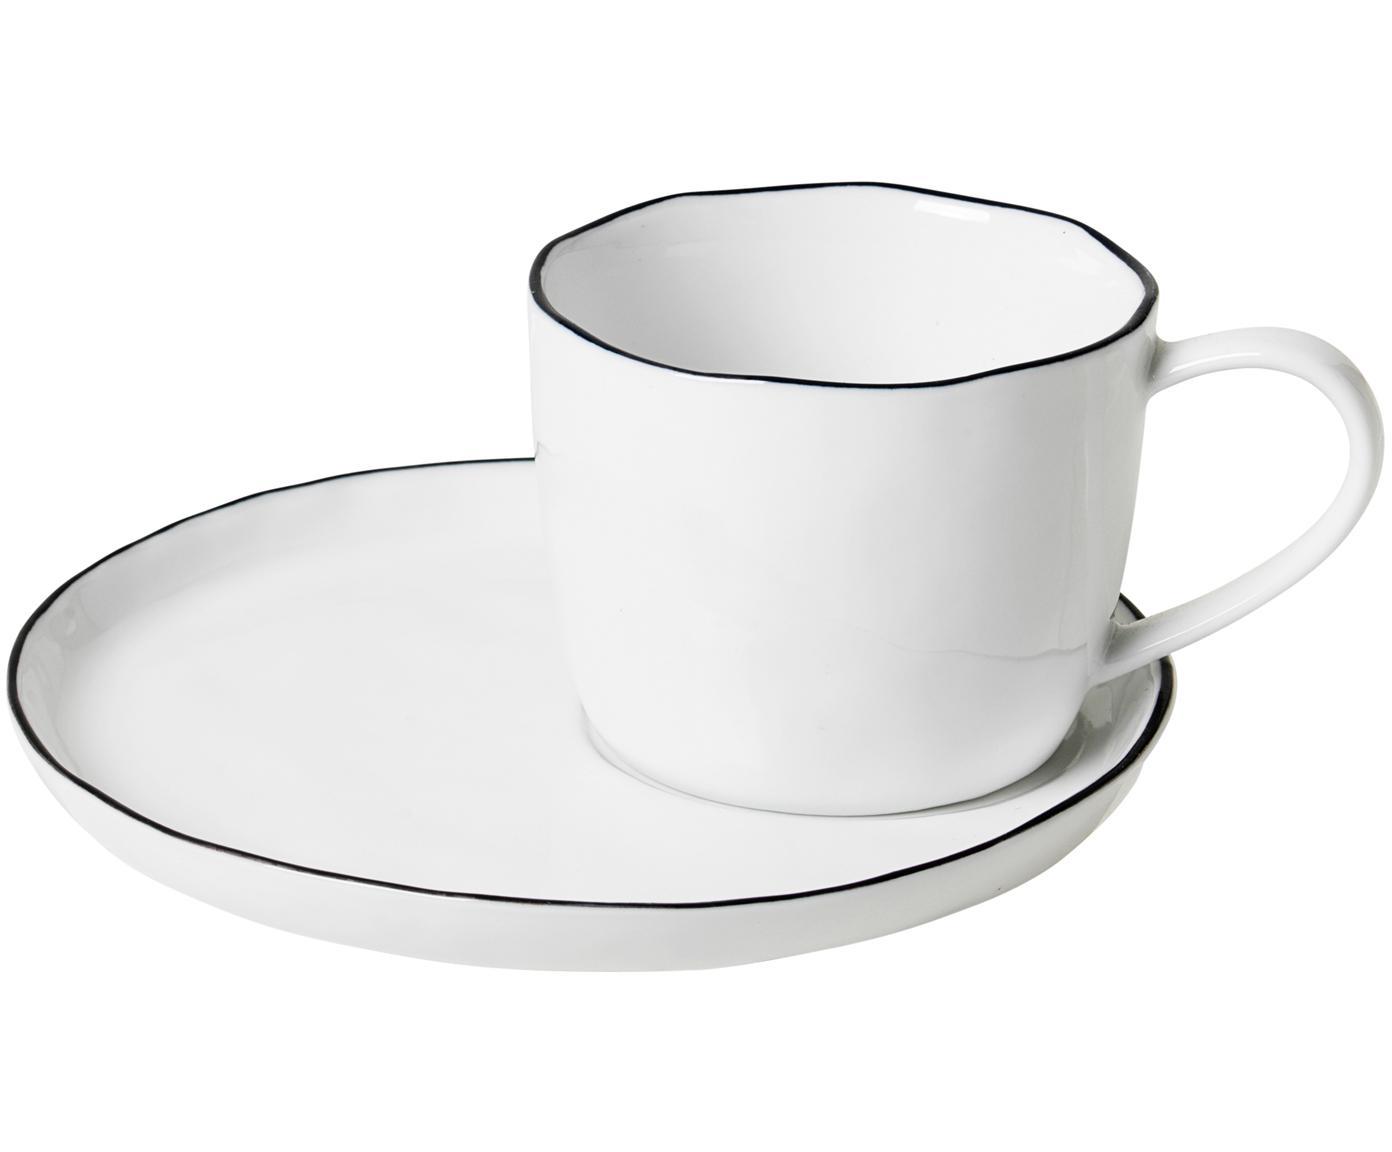 Handgemachte Tasse mit Untertasse Salt, Porzellan, Gebrochenes Weiss<br>Rand: Schwarz, Ø 8 x H 7 cm